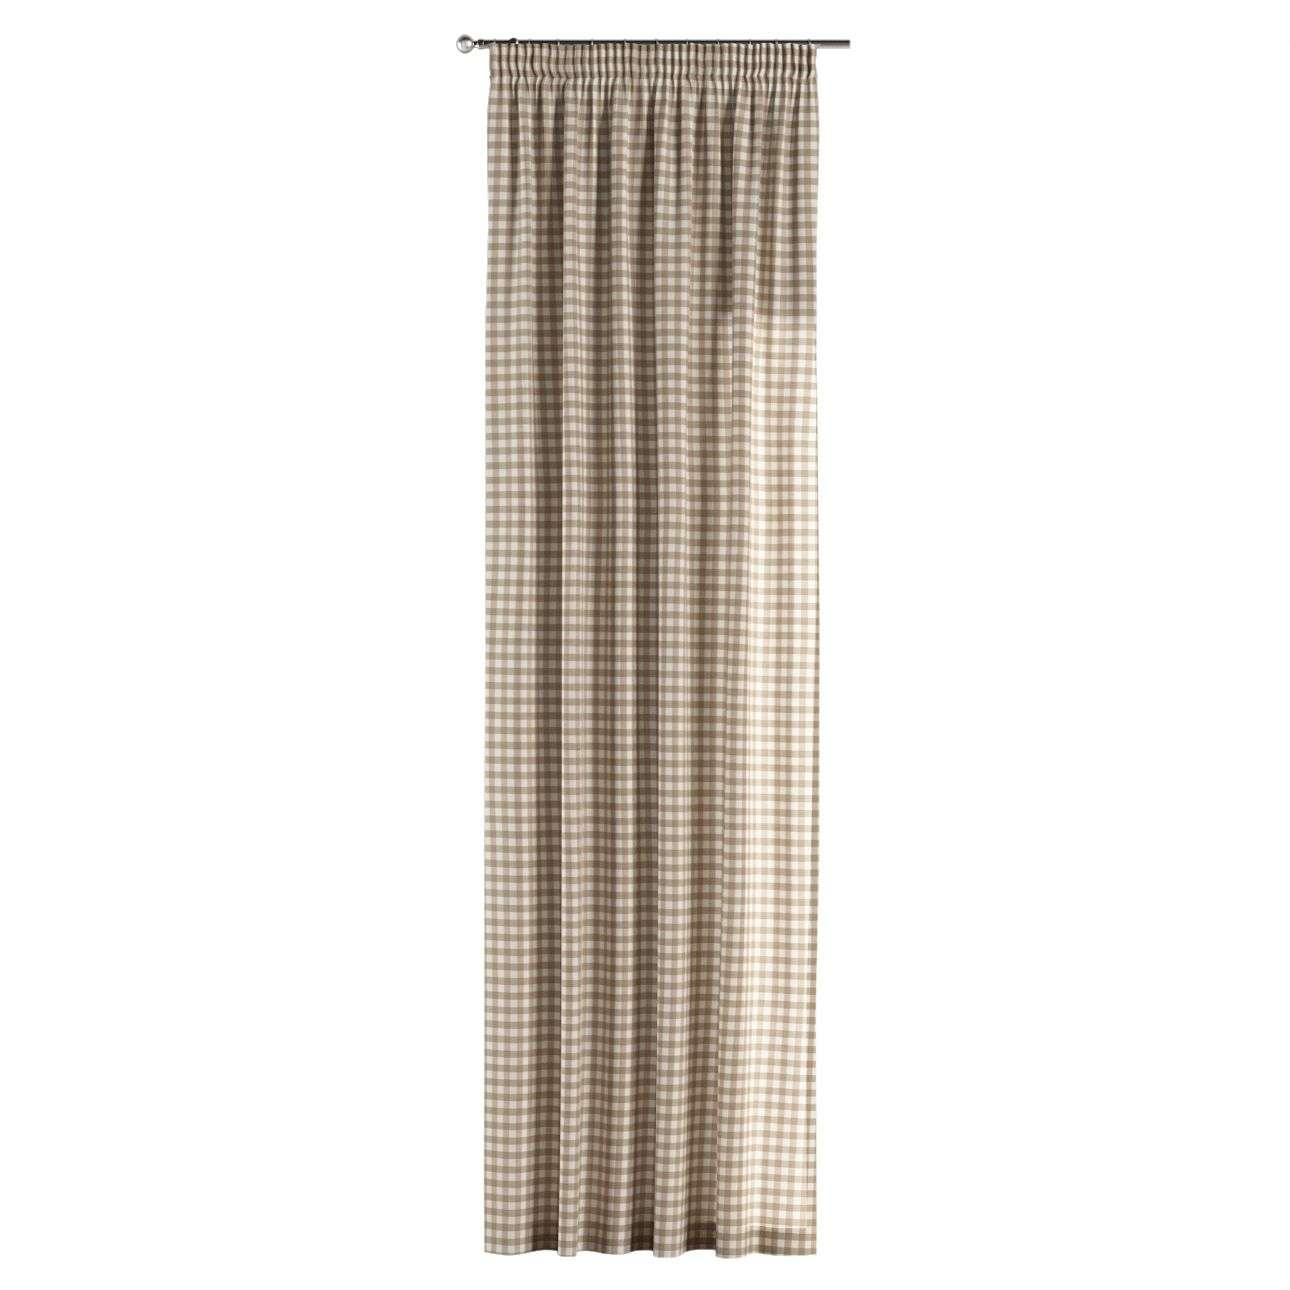 Závěs s řasící páskou 130 x 260 cm v kolekci Quadro, látka: 136-06